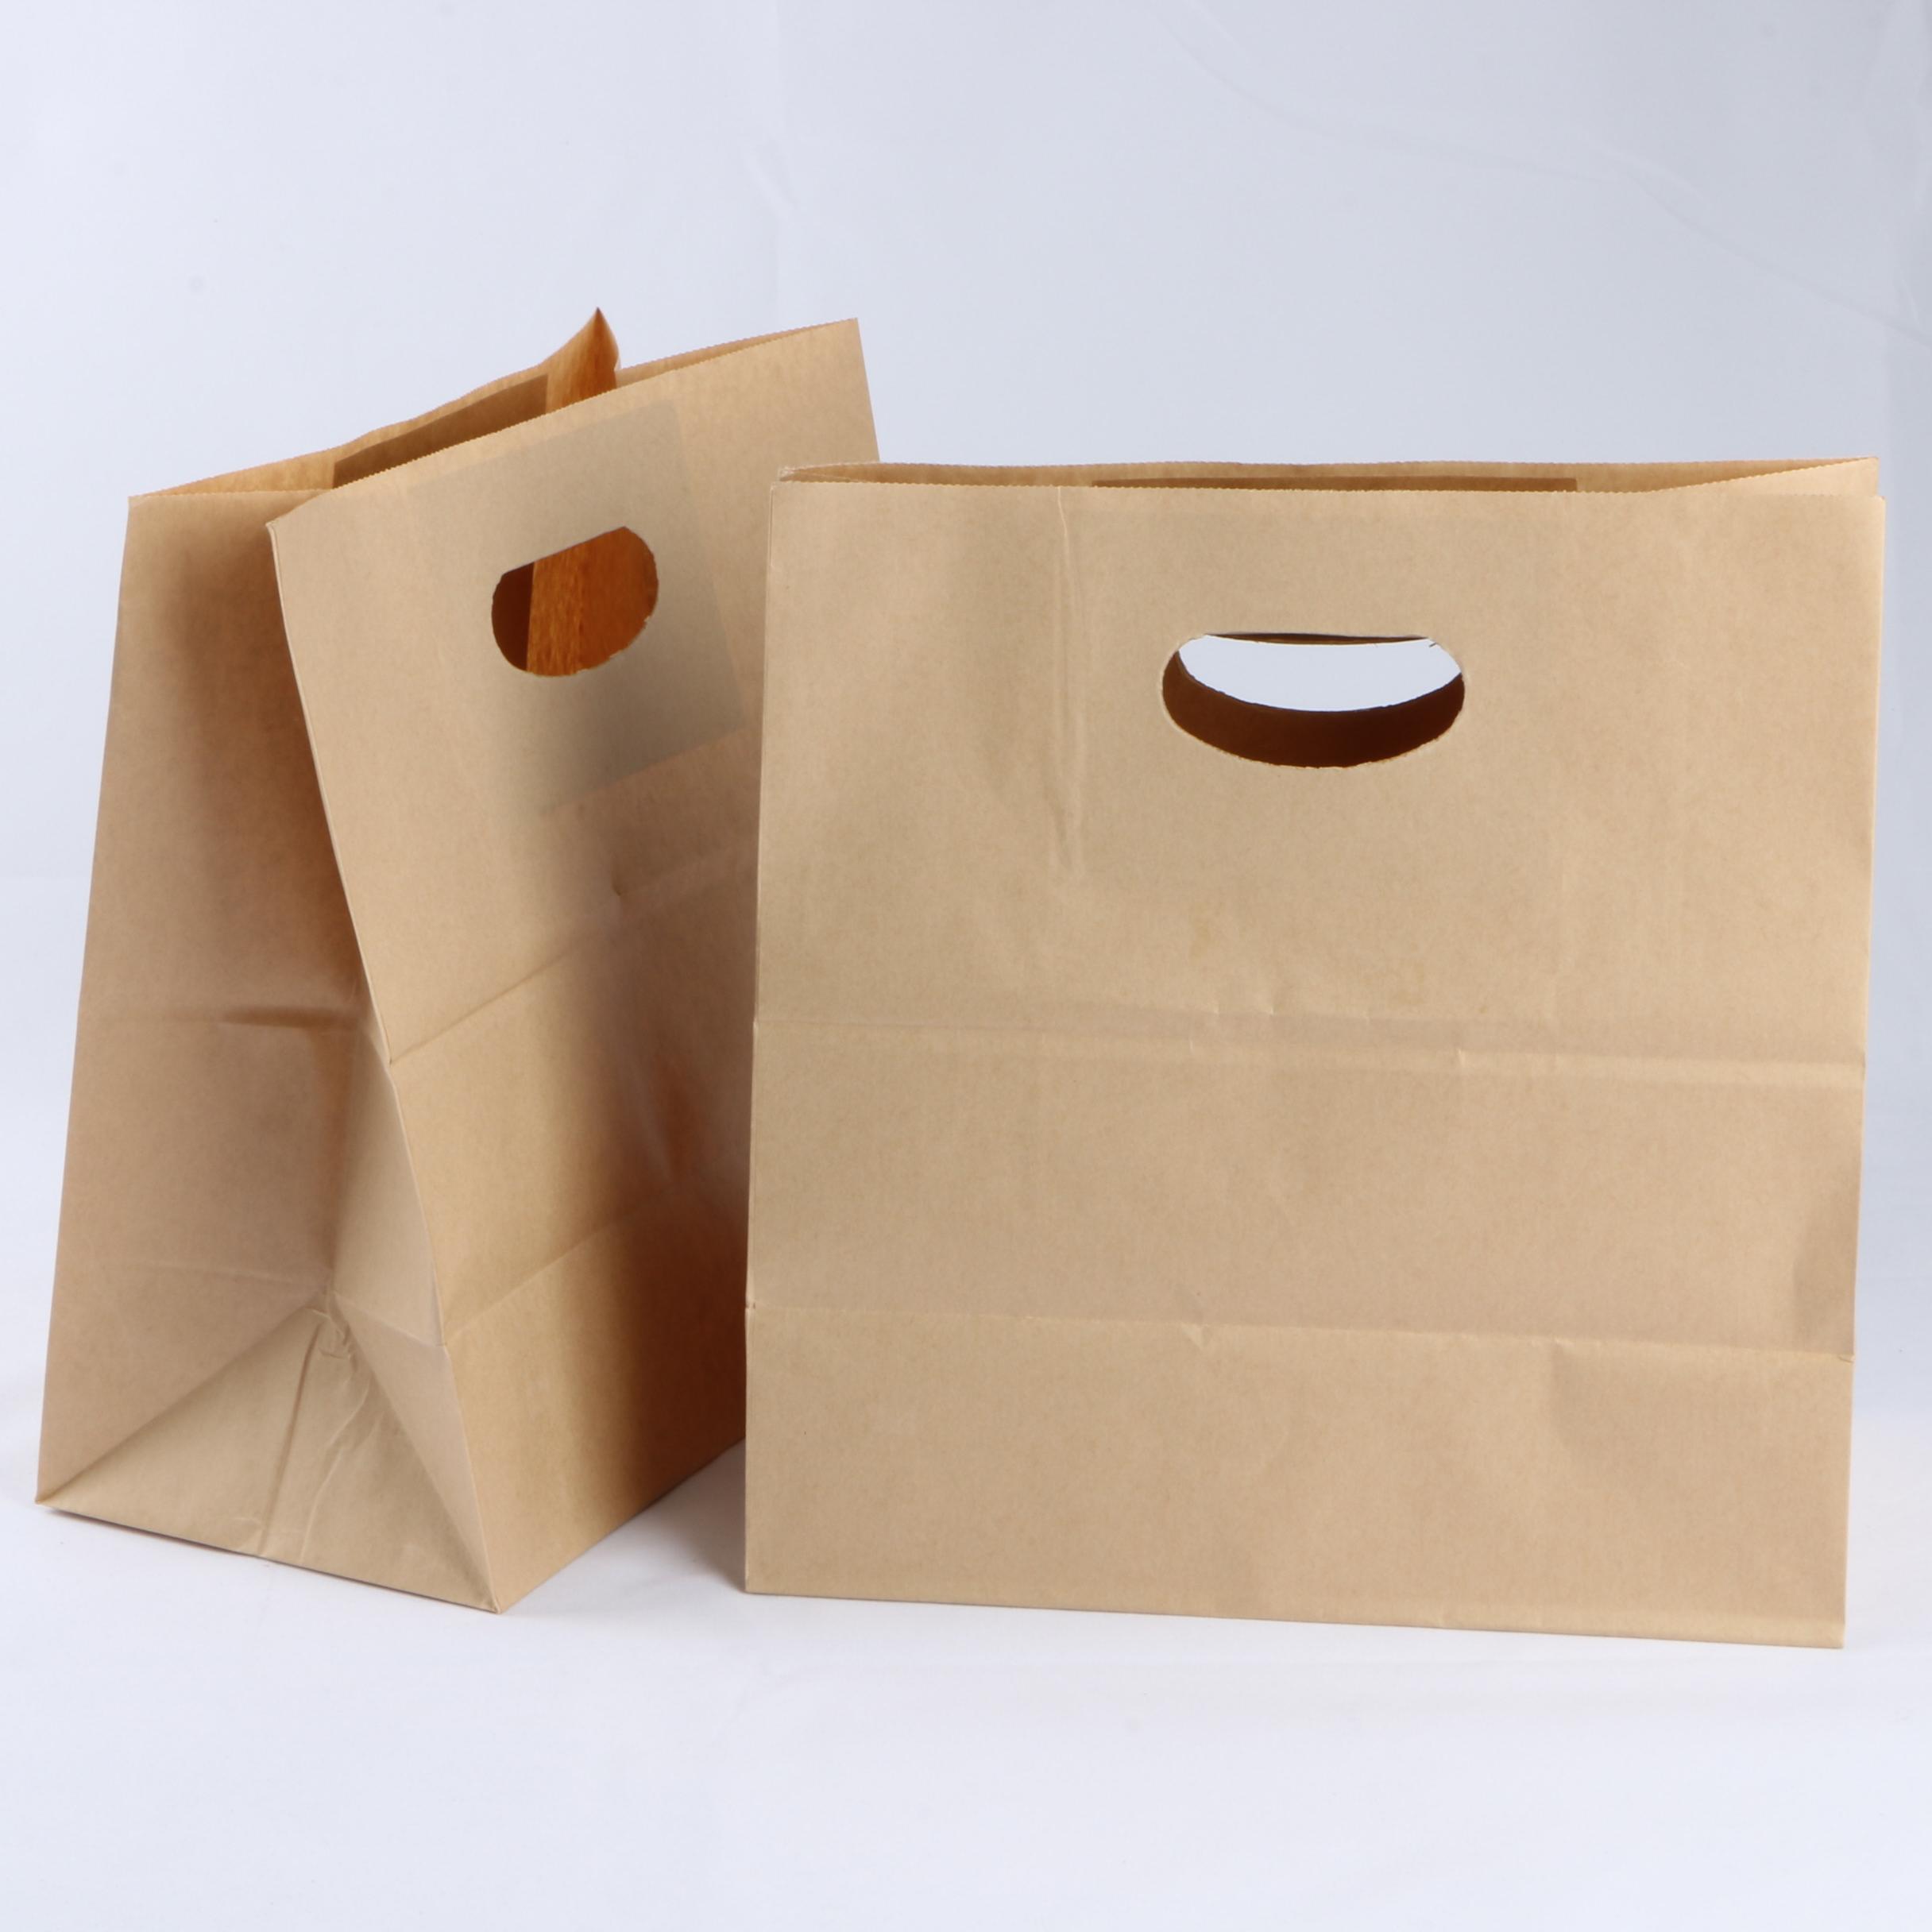 سبائك مخصصة قطع كيس من الورق البني كرافت هدية حقائب تسوق ورقية